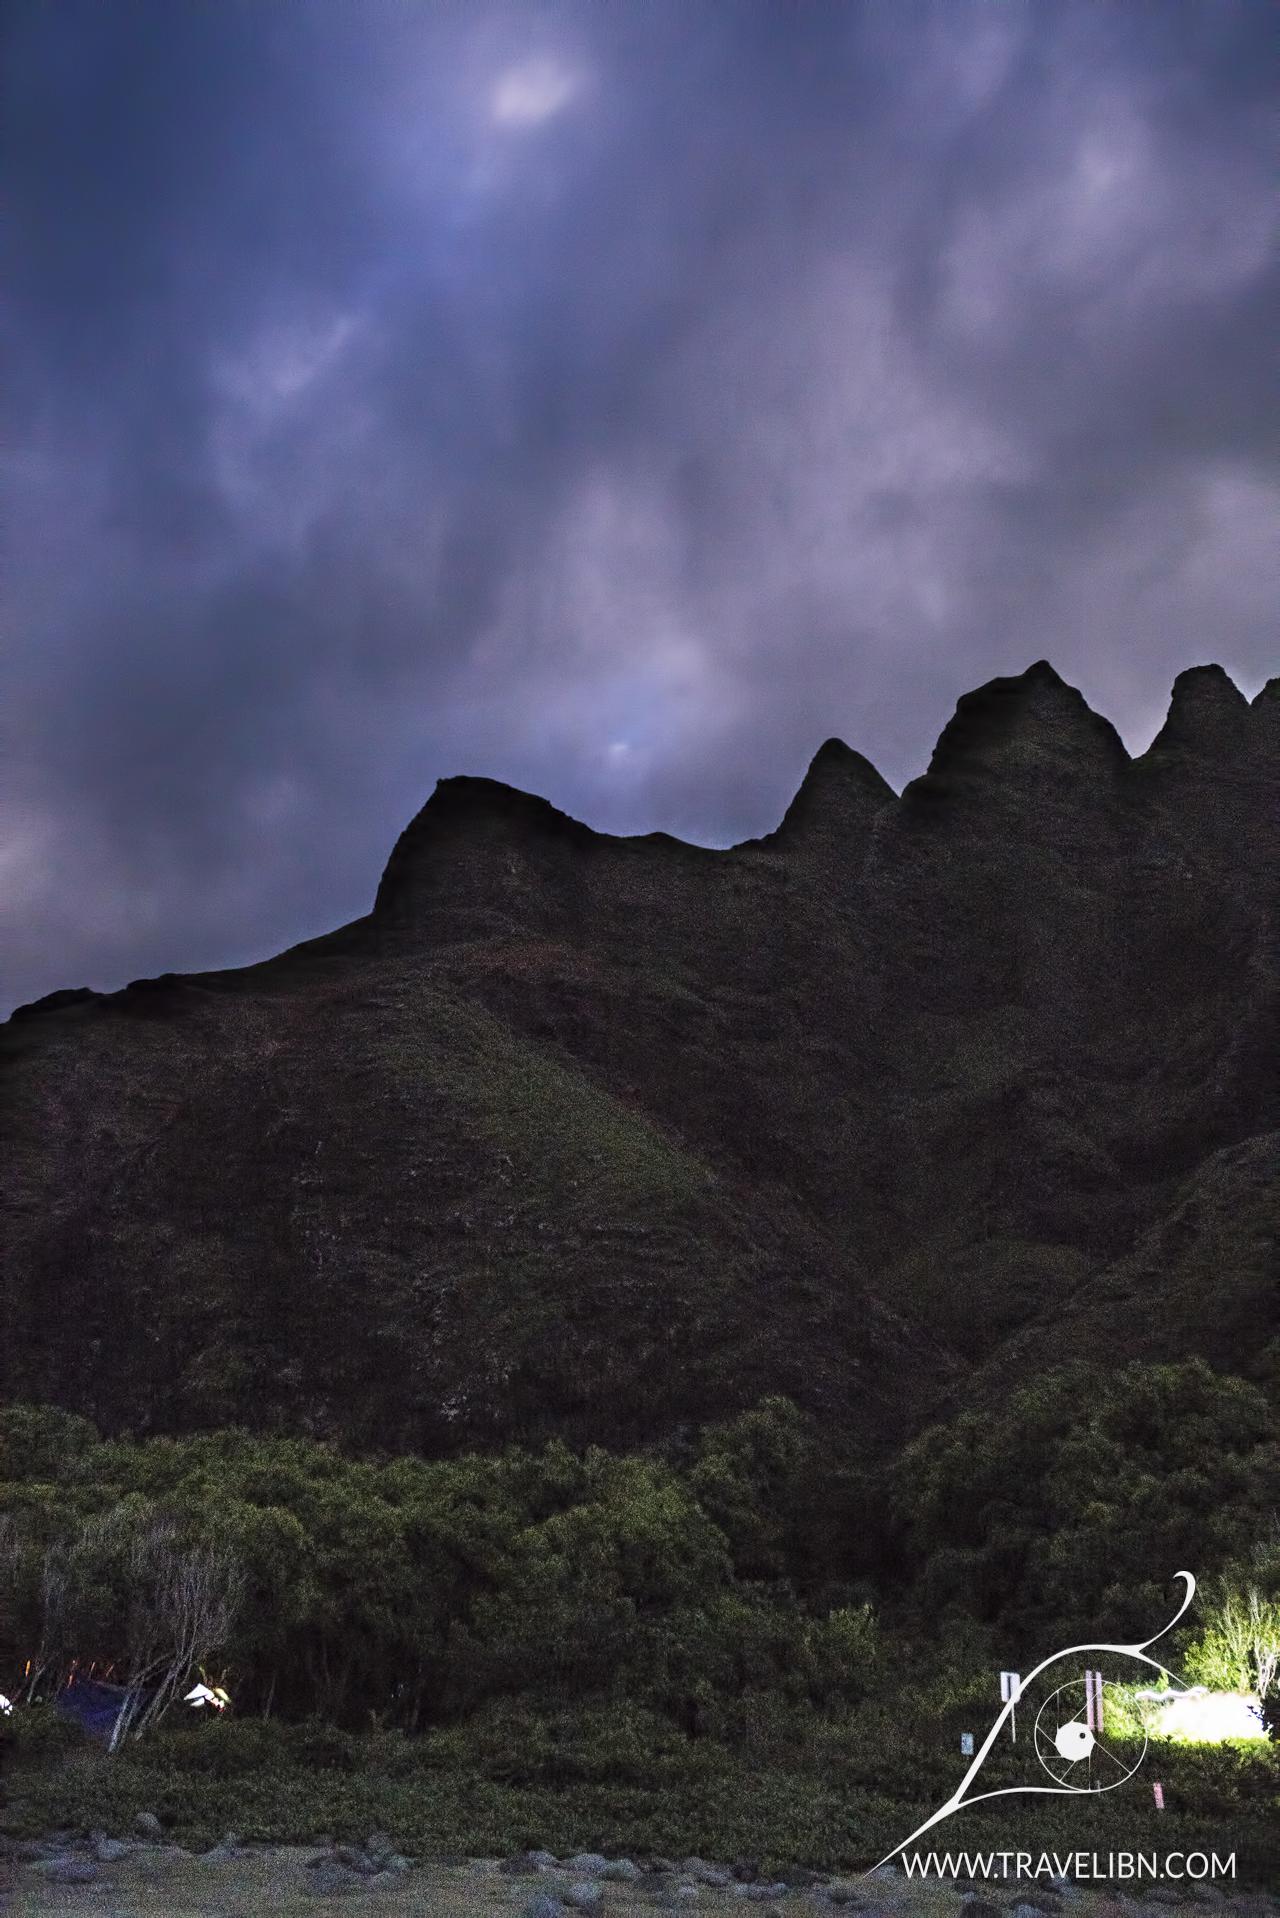 Kalalau Valley at night